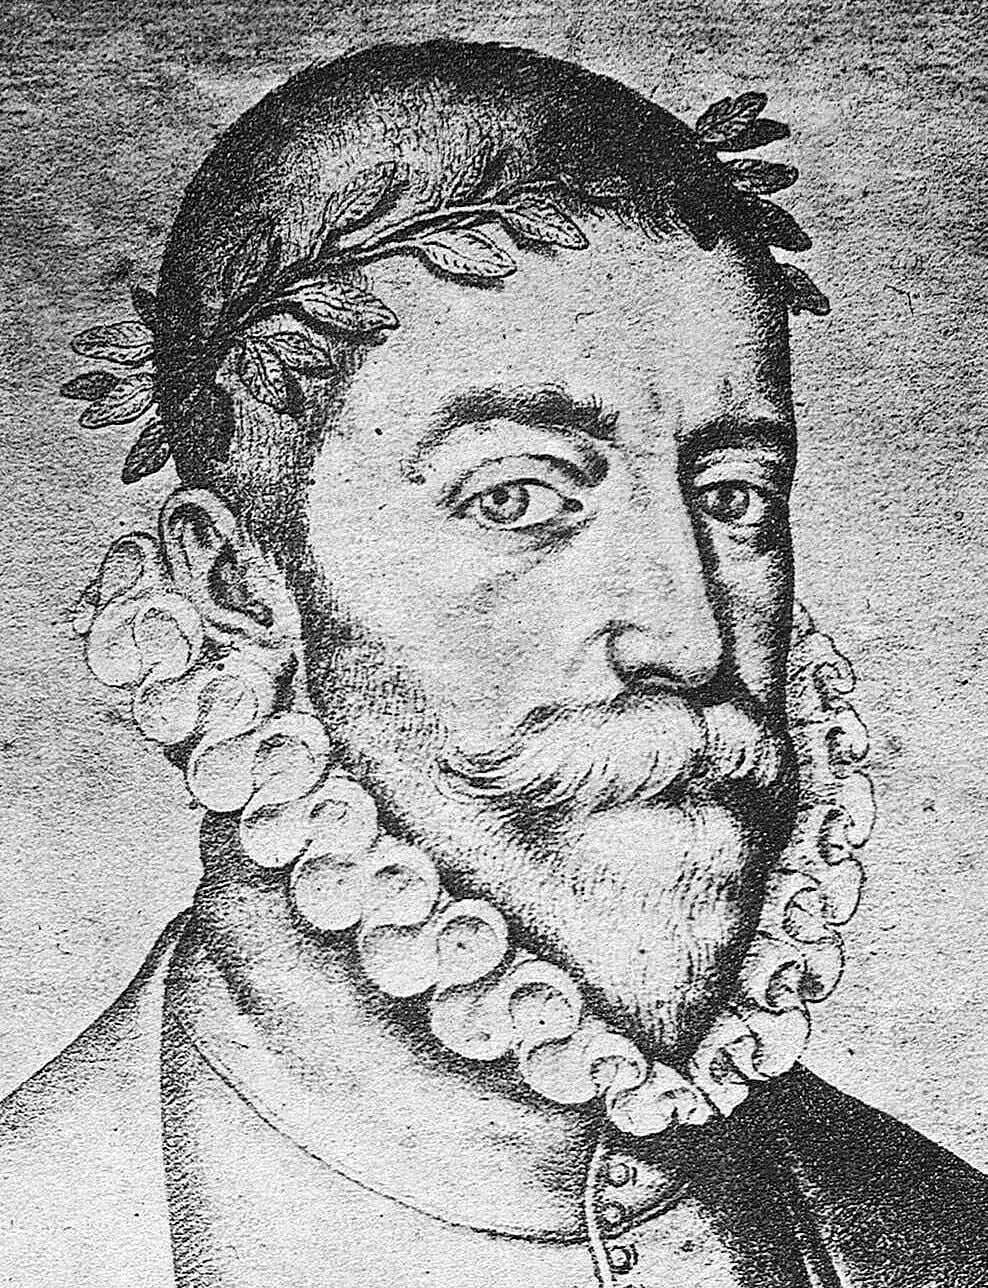 Una aproximación a los géneros poéticos del siglo XVI (I)